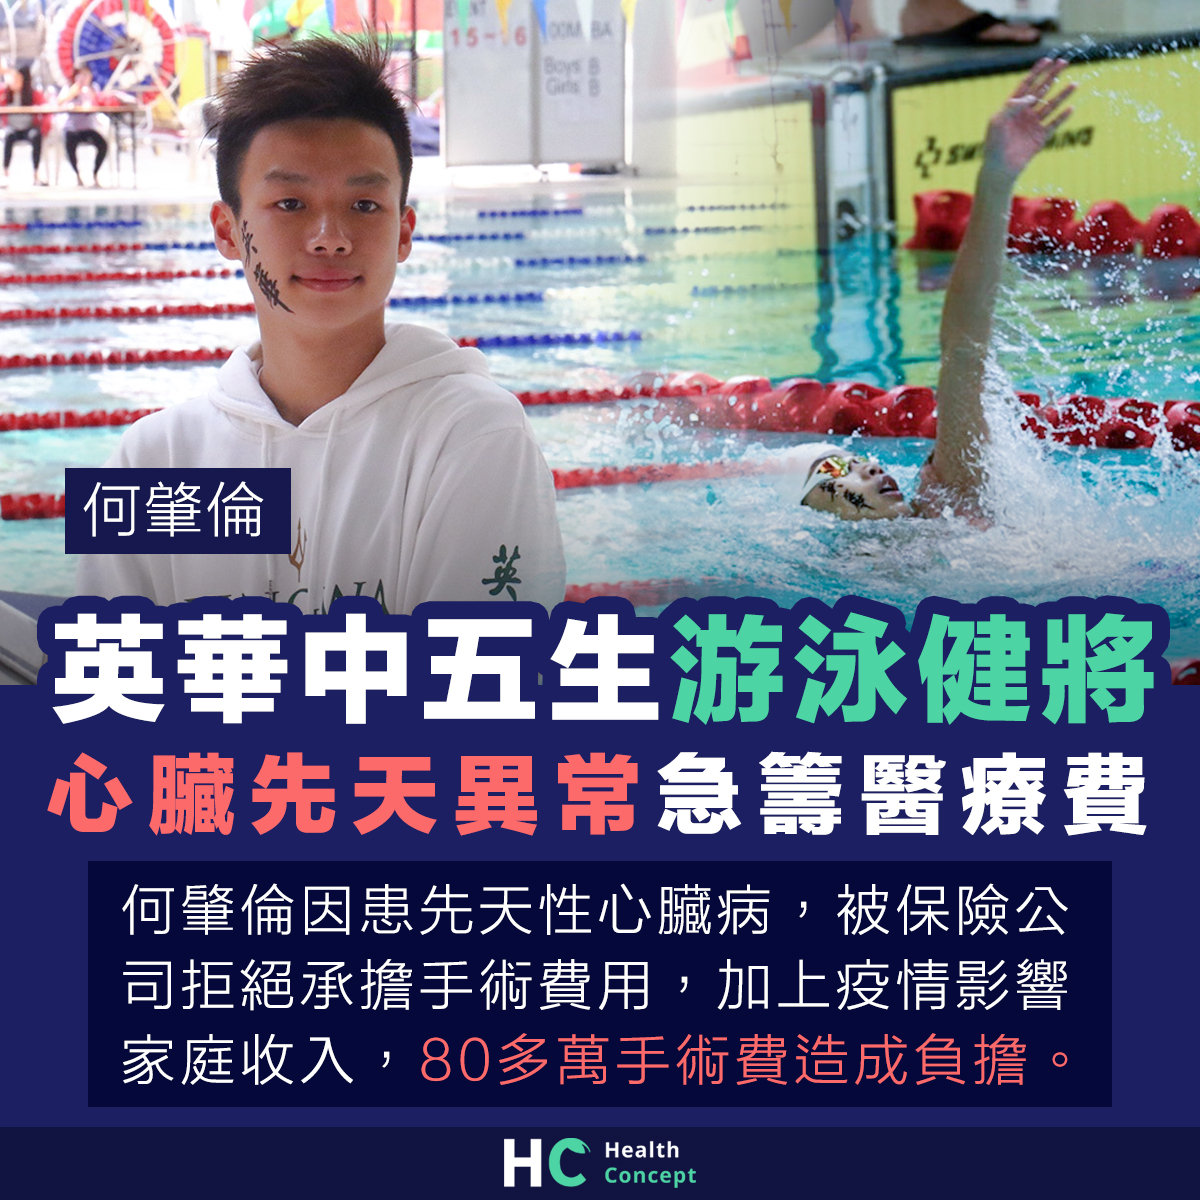 英華中五生游泳健將 心臟先天性異常急籌醫療費